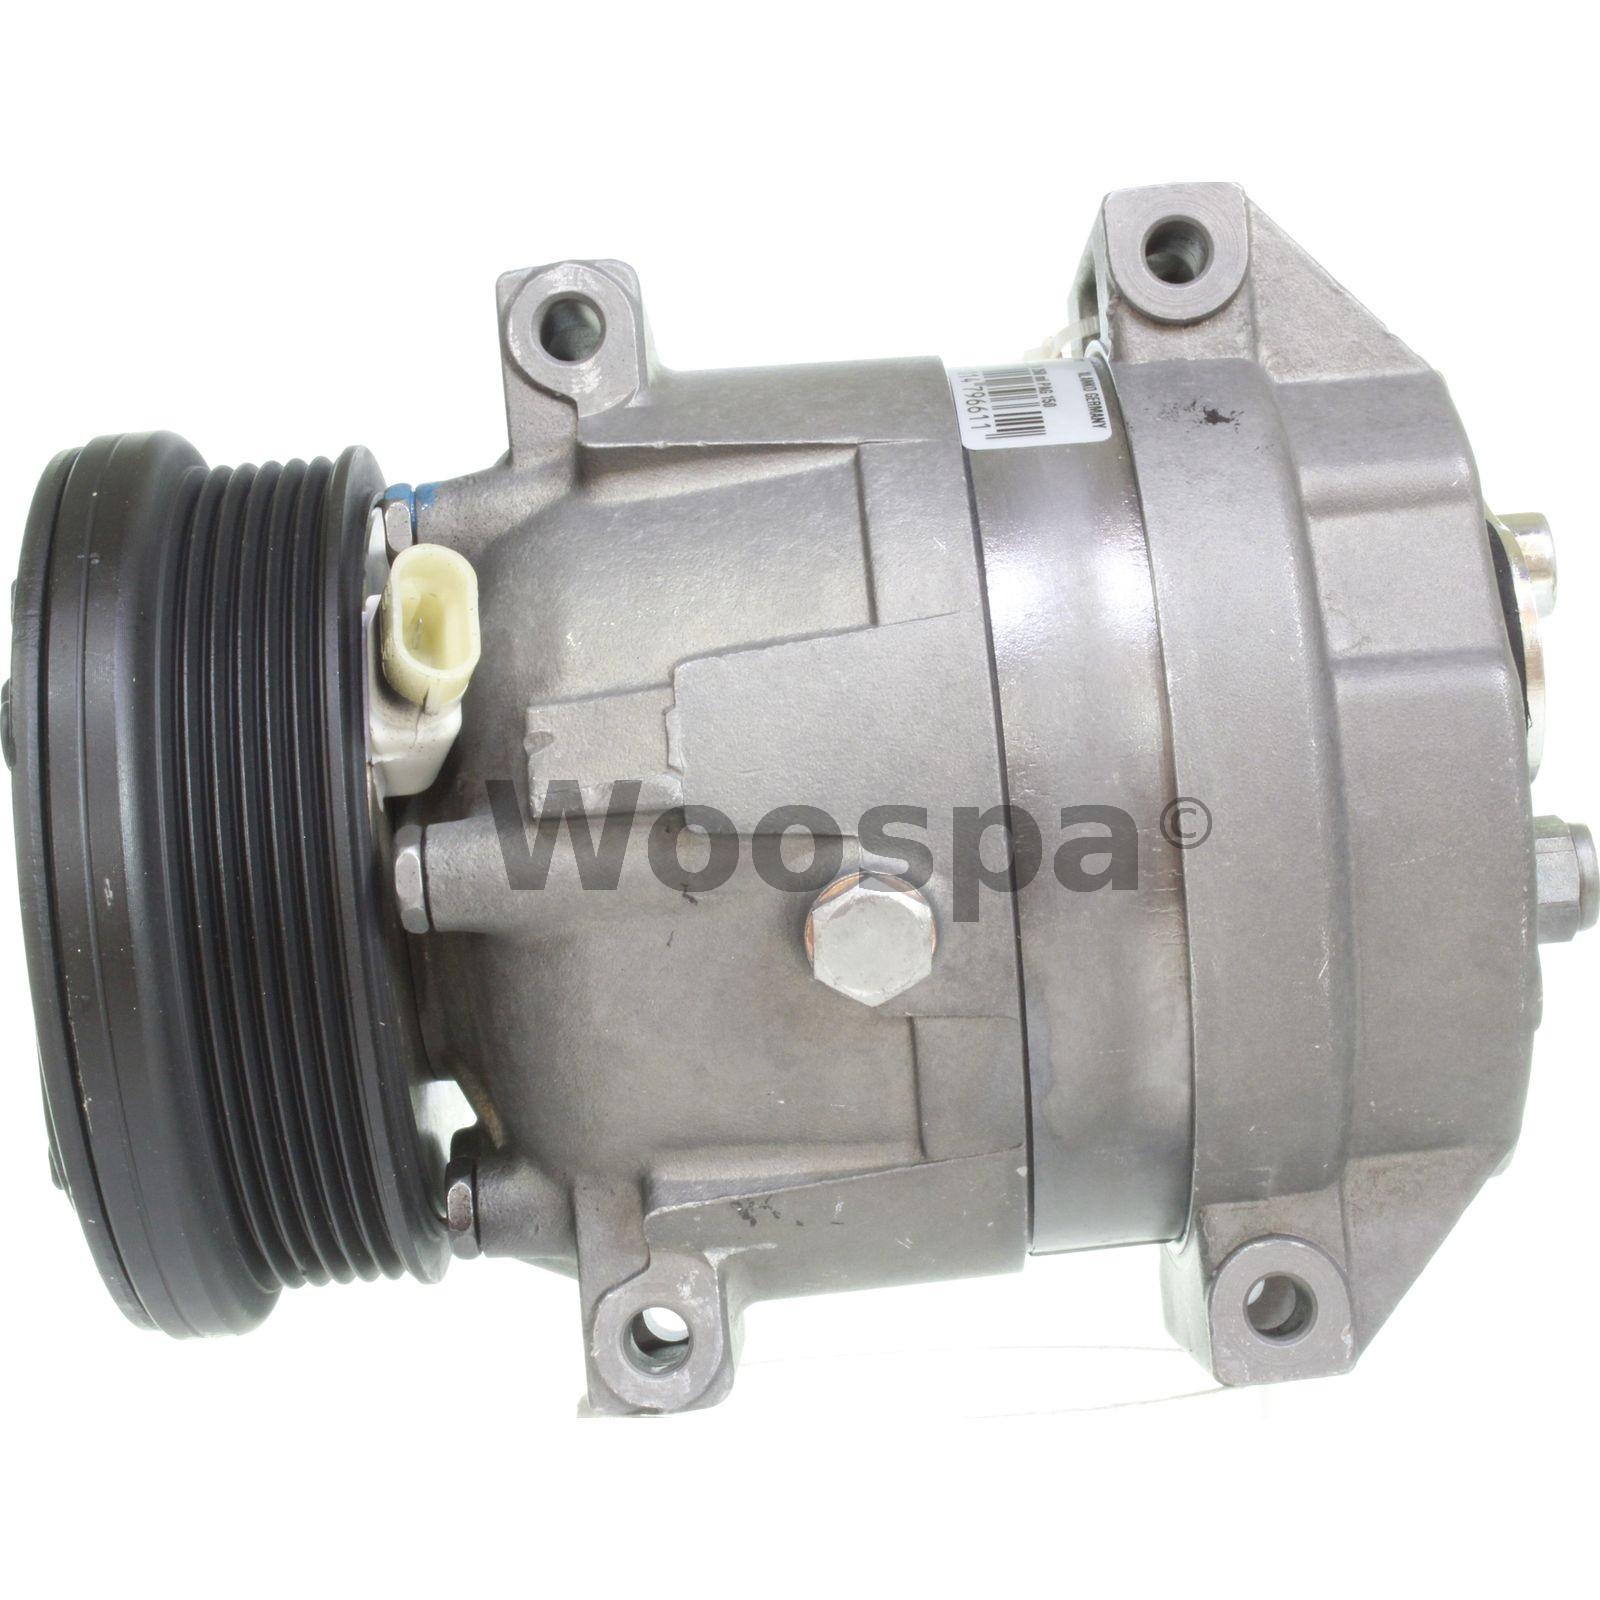 Compresor de Chevrolet Cruze j300 Epica kl1 2.0 CDI diesel z20dmh x20d1 nuevo